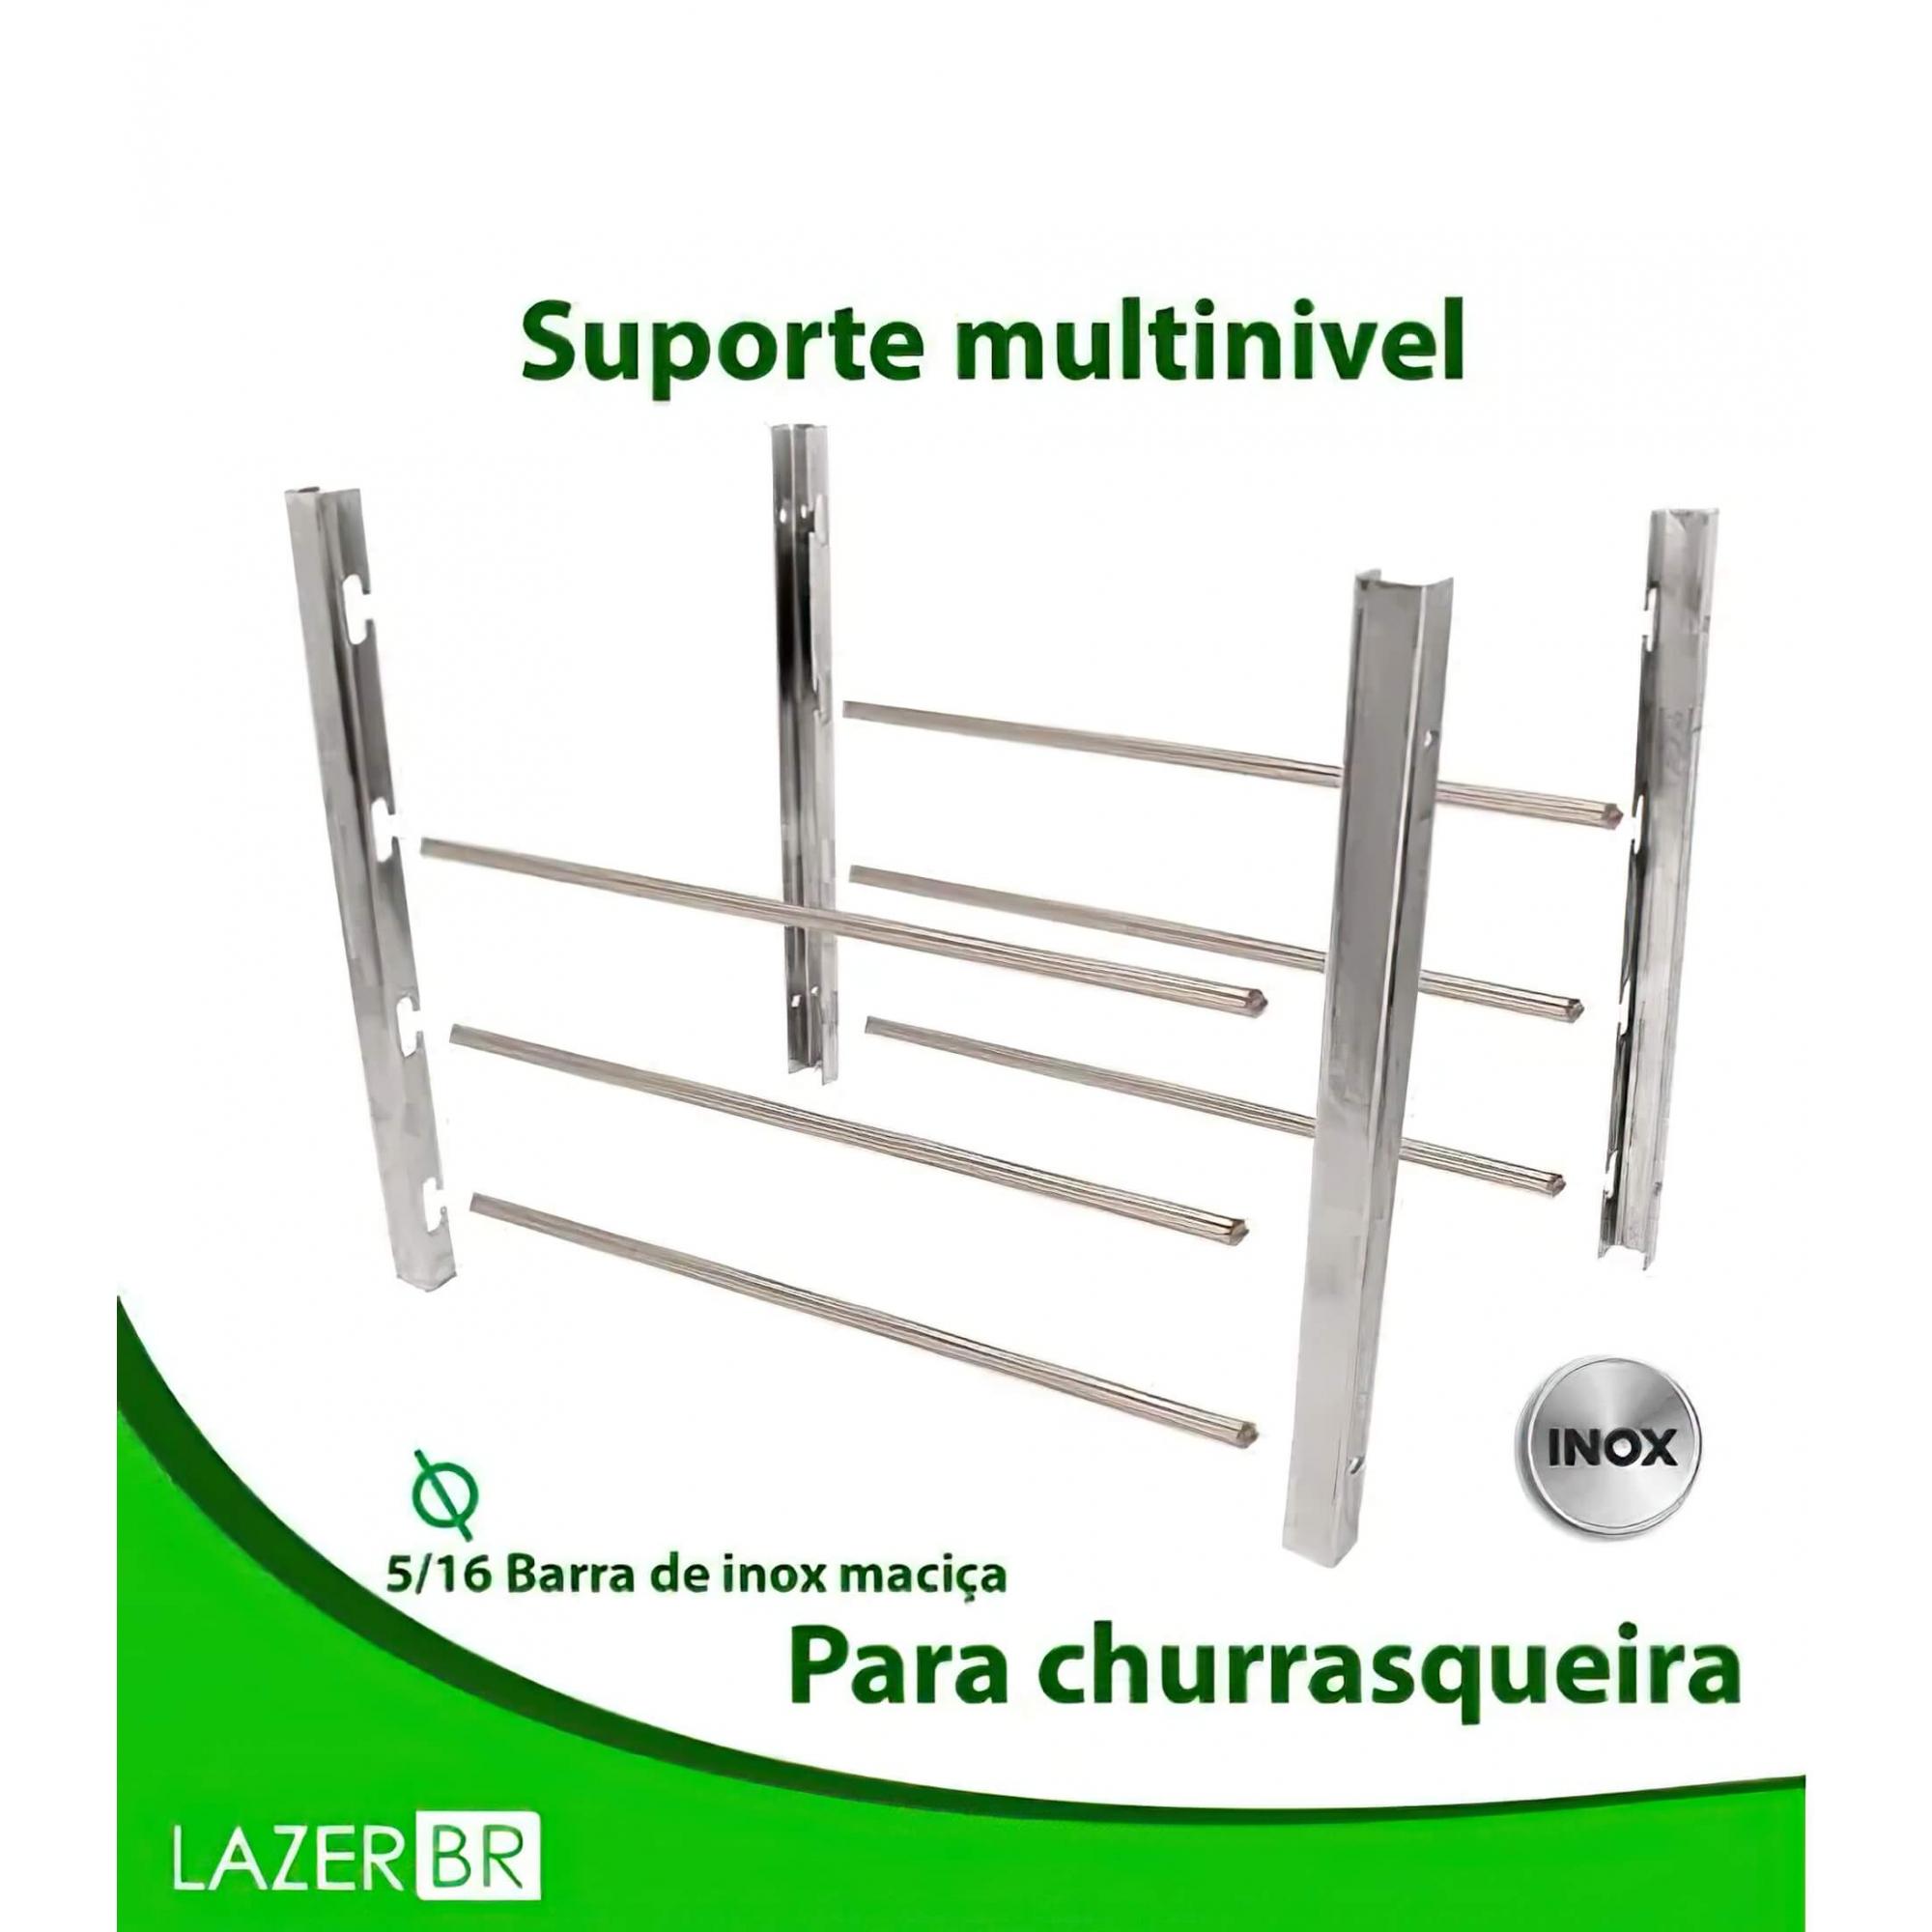 Suporte Multinível para Churrasqueira Barra Maciça 5/16